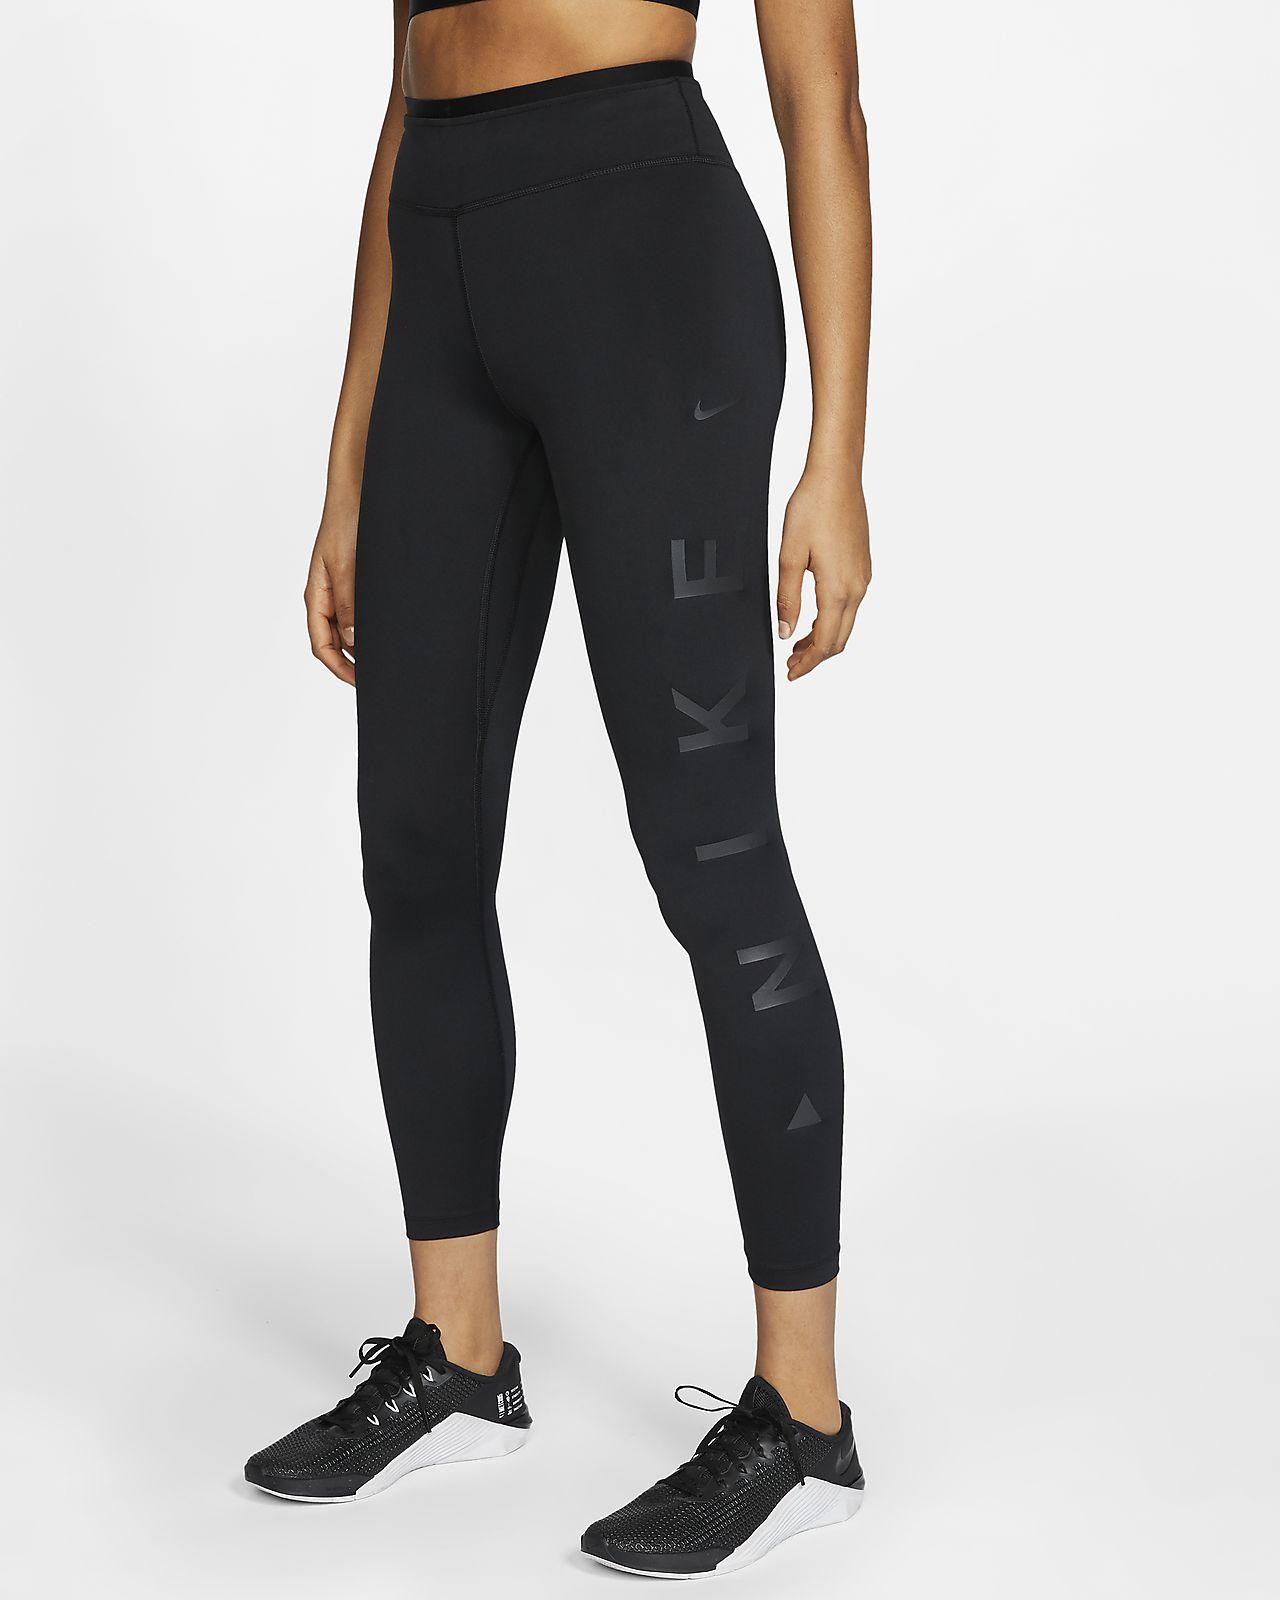 Legging 7/8 taille mi-basse à motif Nike One Icon Clash pour Femme